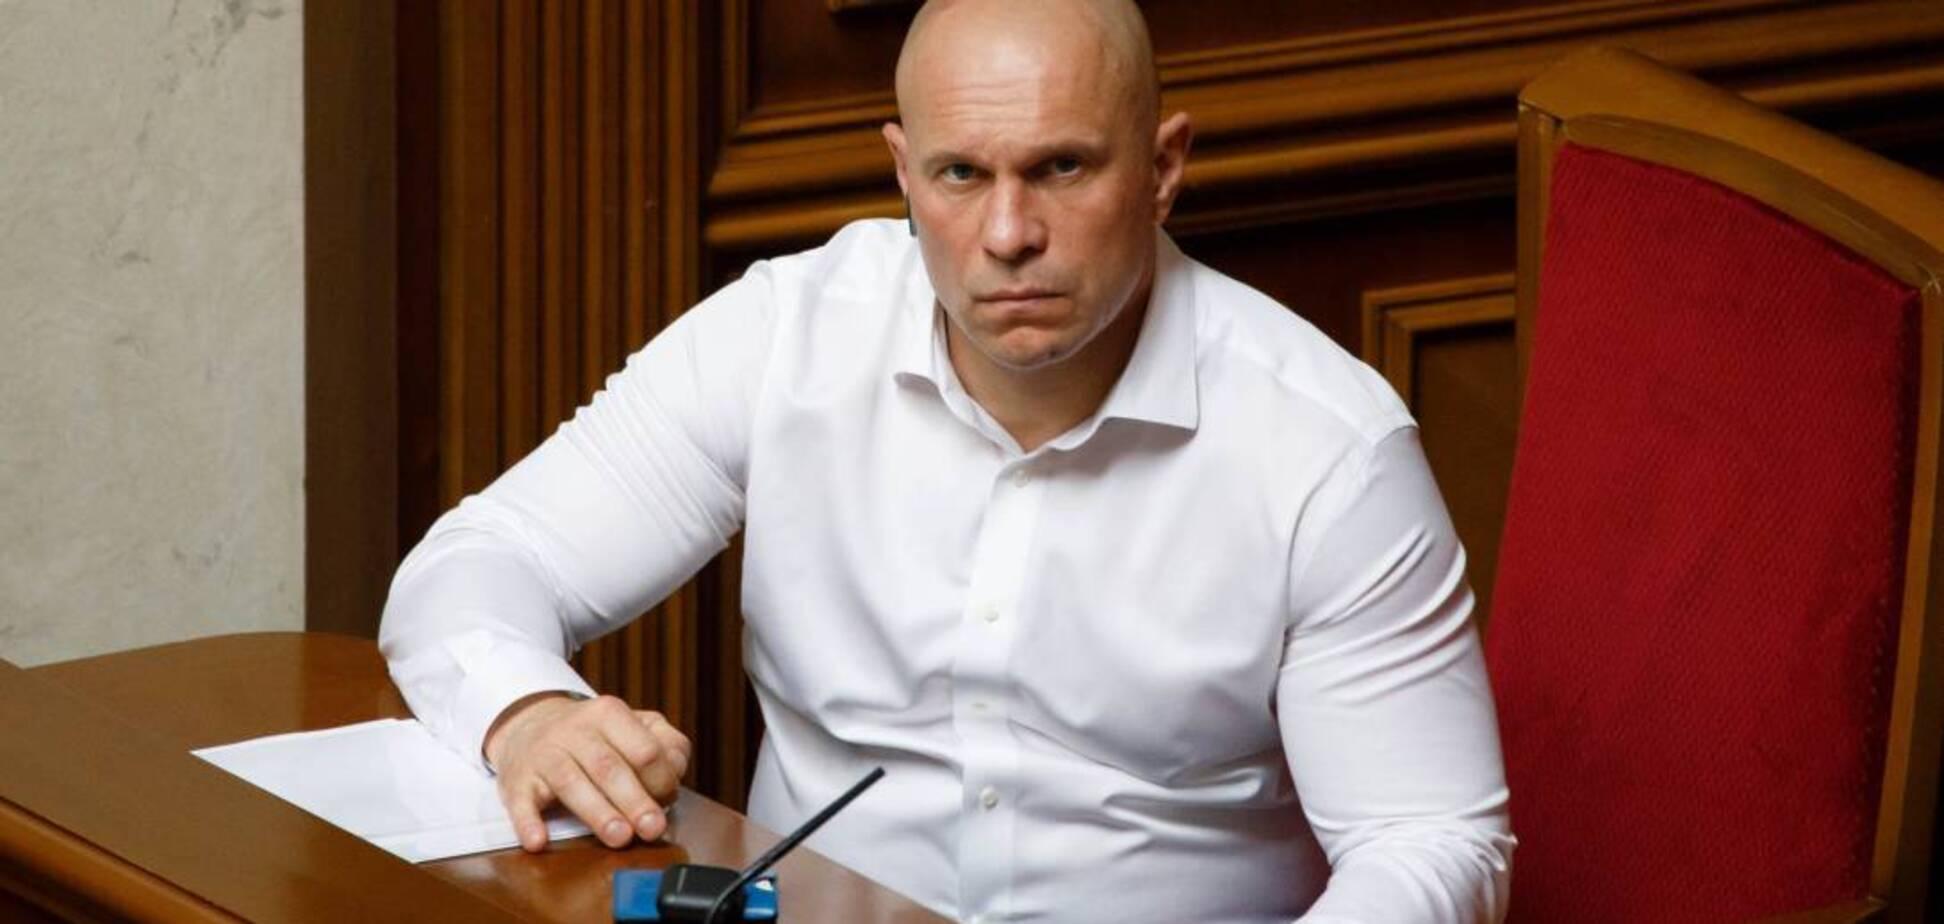 Социальный лифт от Зеленского для научной карьеры депутатов партии кума Путина действует на практике